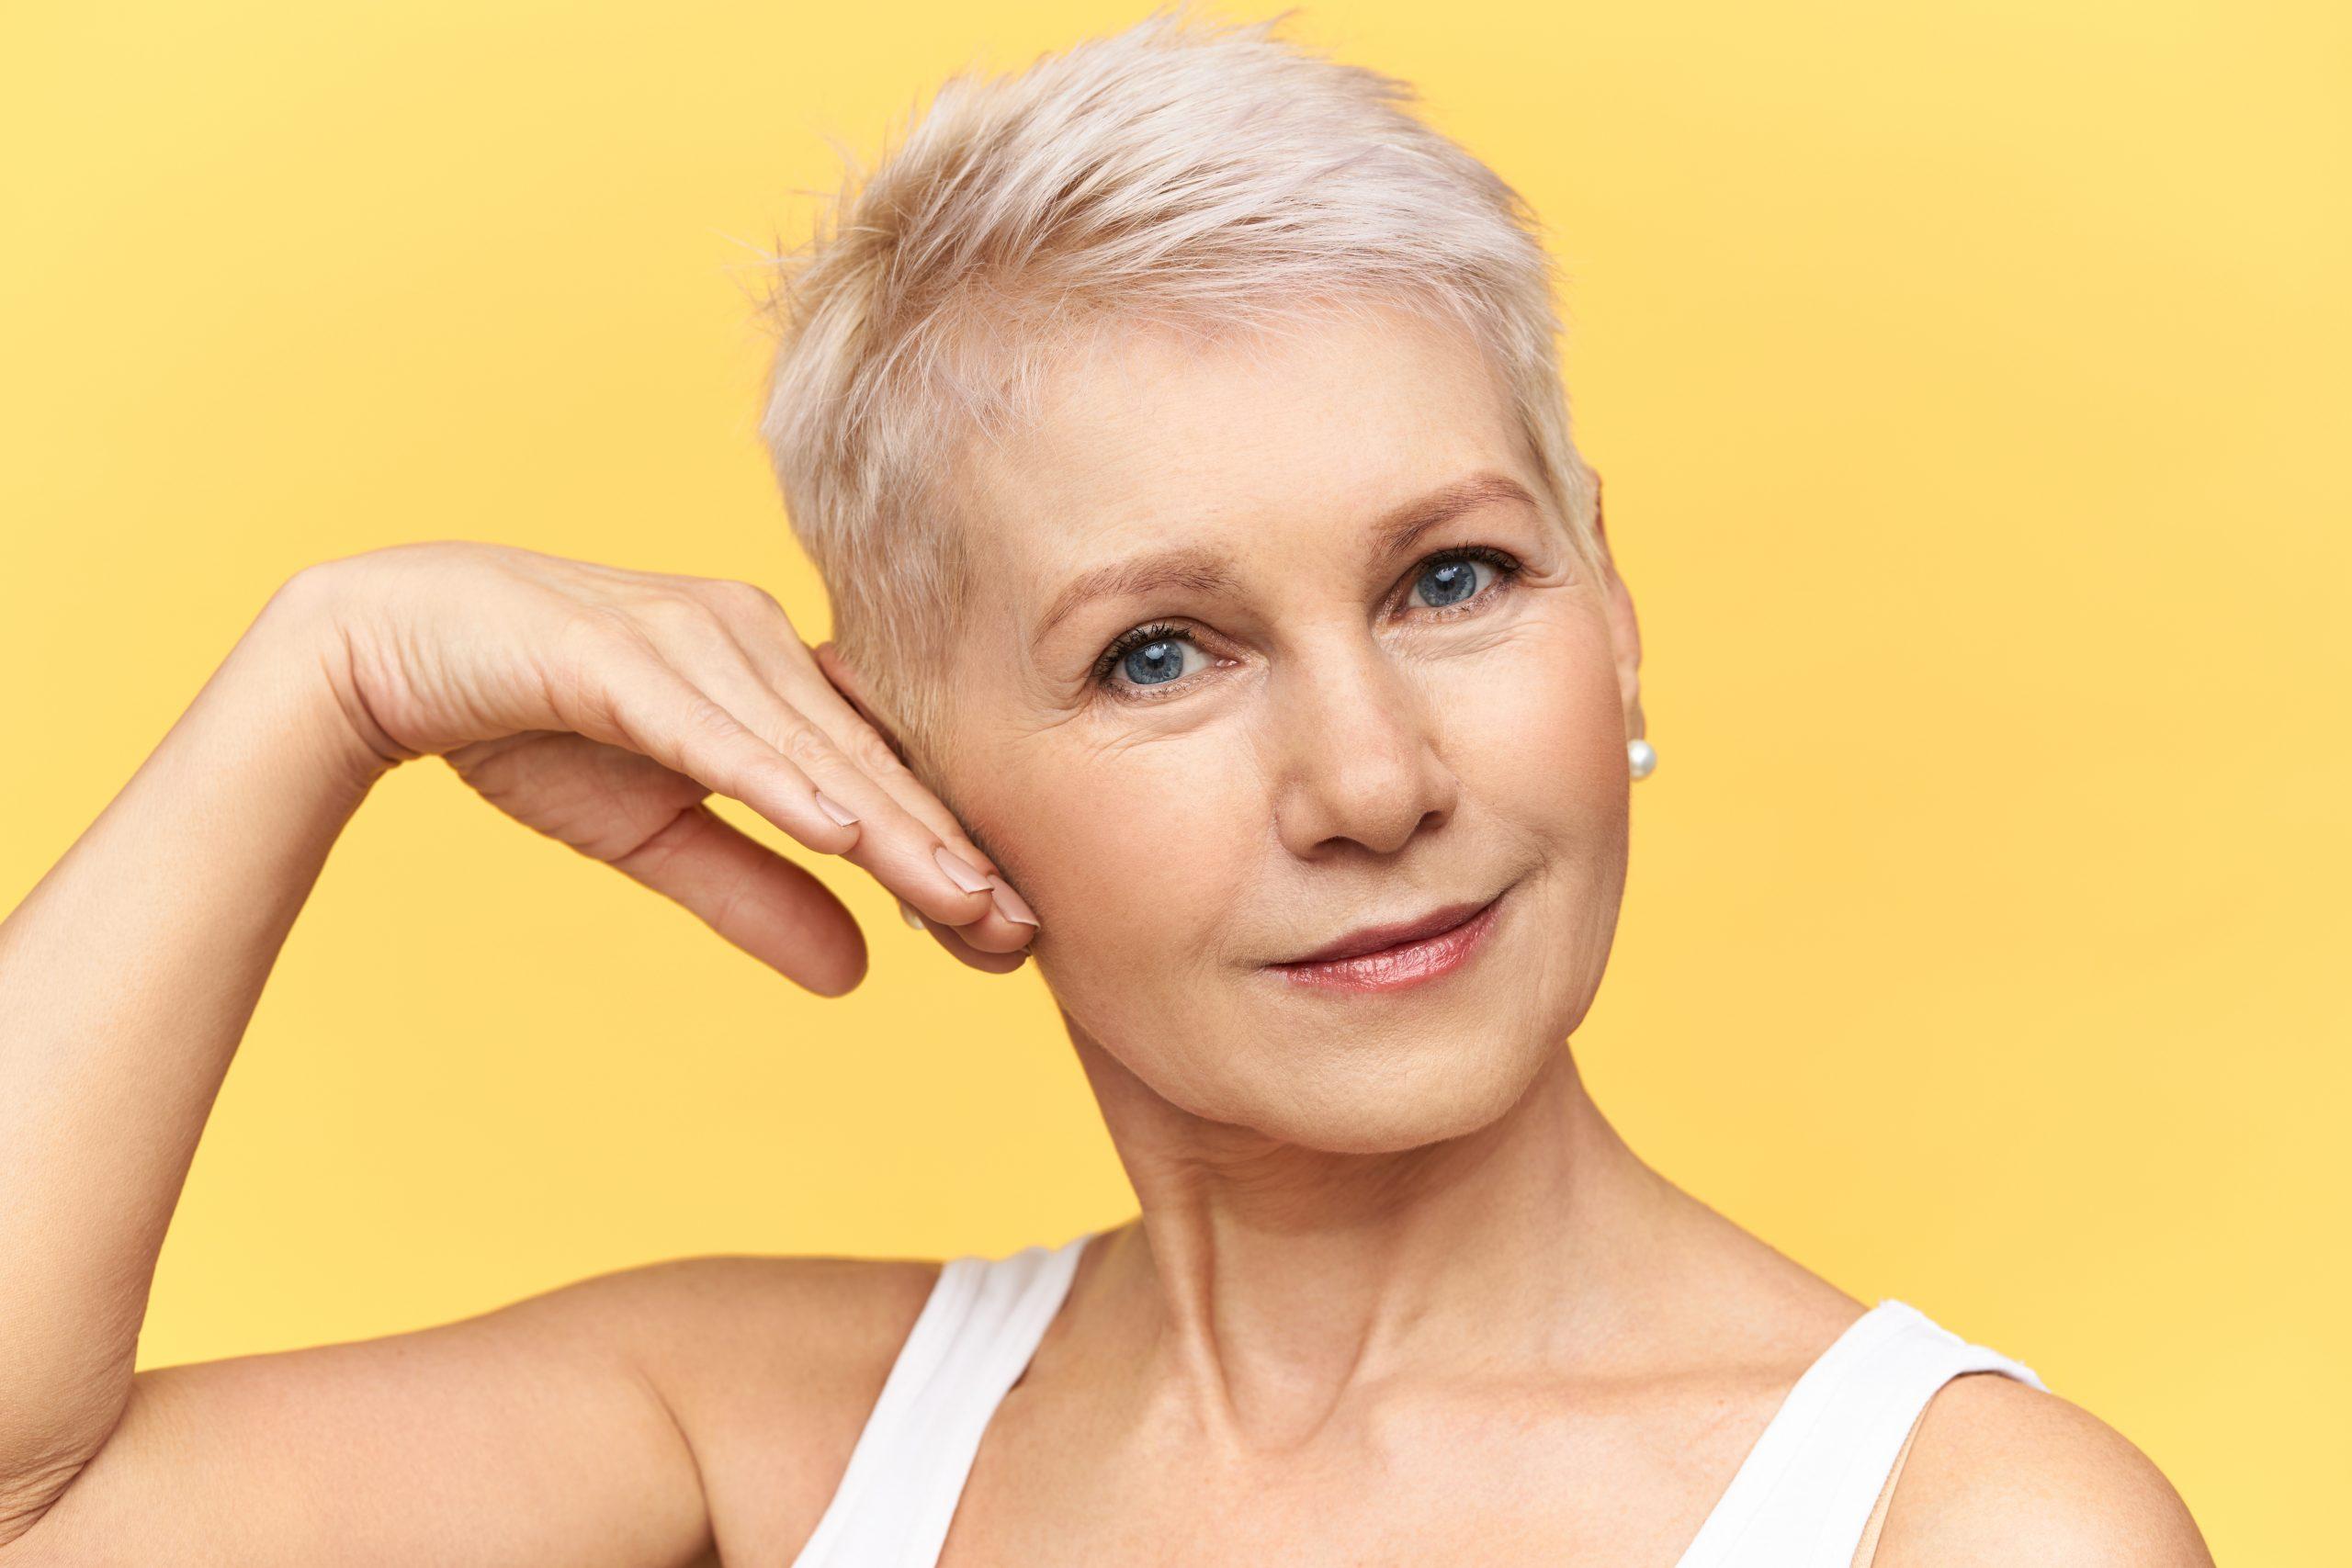 La mejor rutina de cuidado de la piel a los 50 años